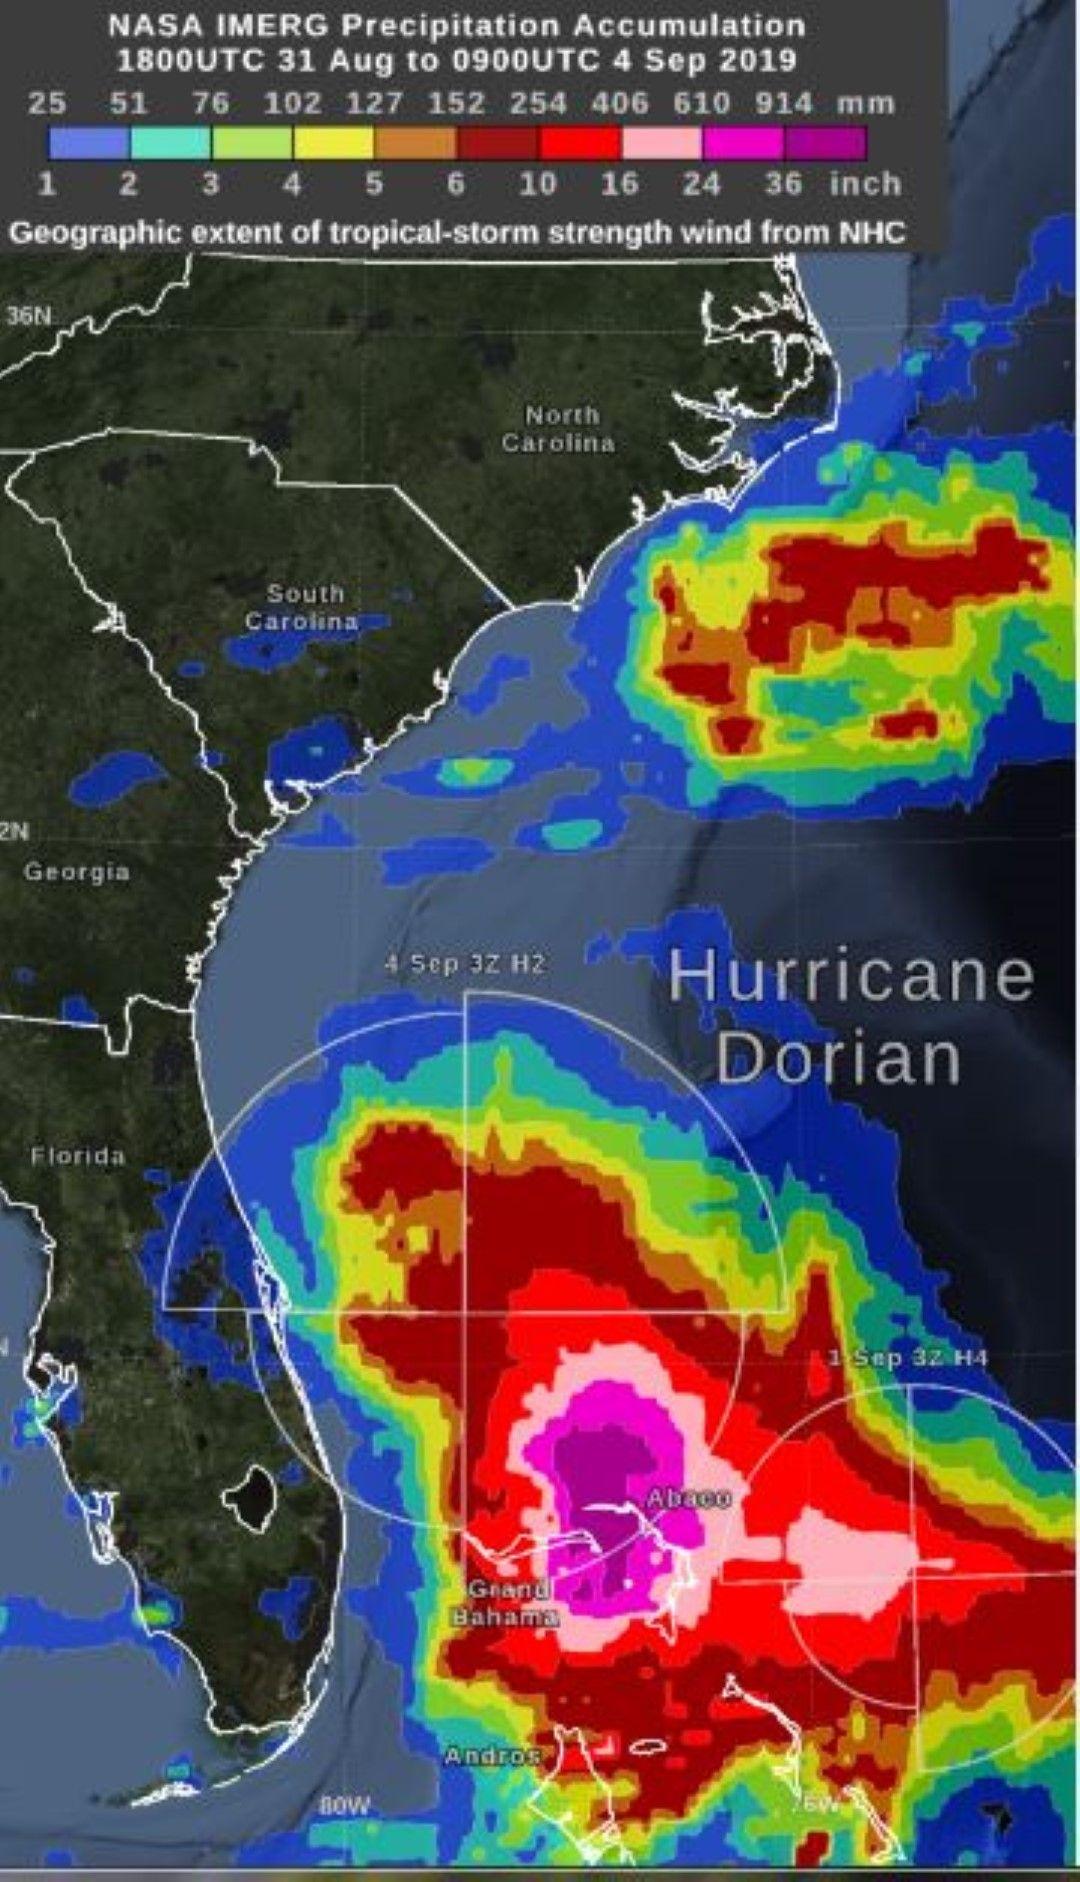 Изображението показва изчислените от НАСА натрупвания на валежи за района на Бахамските острови, засегнат от урагана Дориан от 31 август до 4 септември